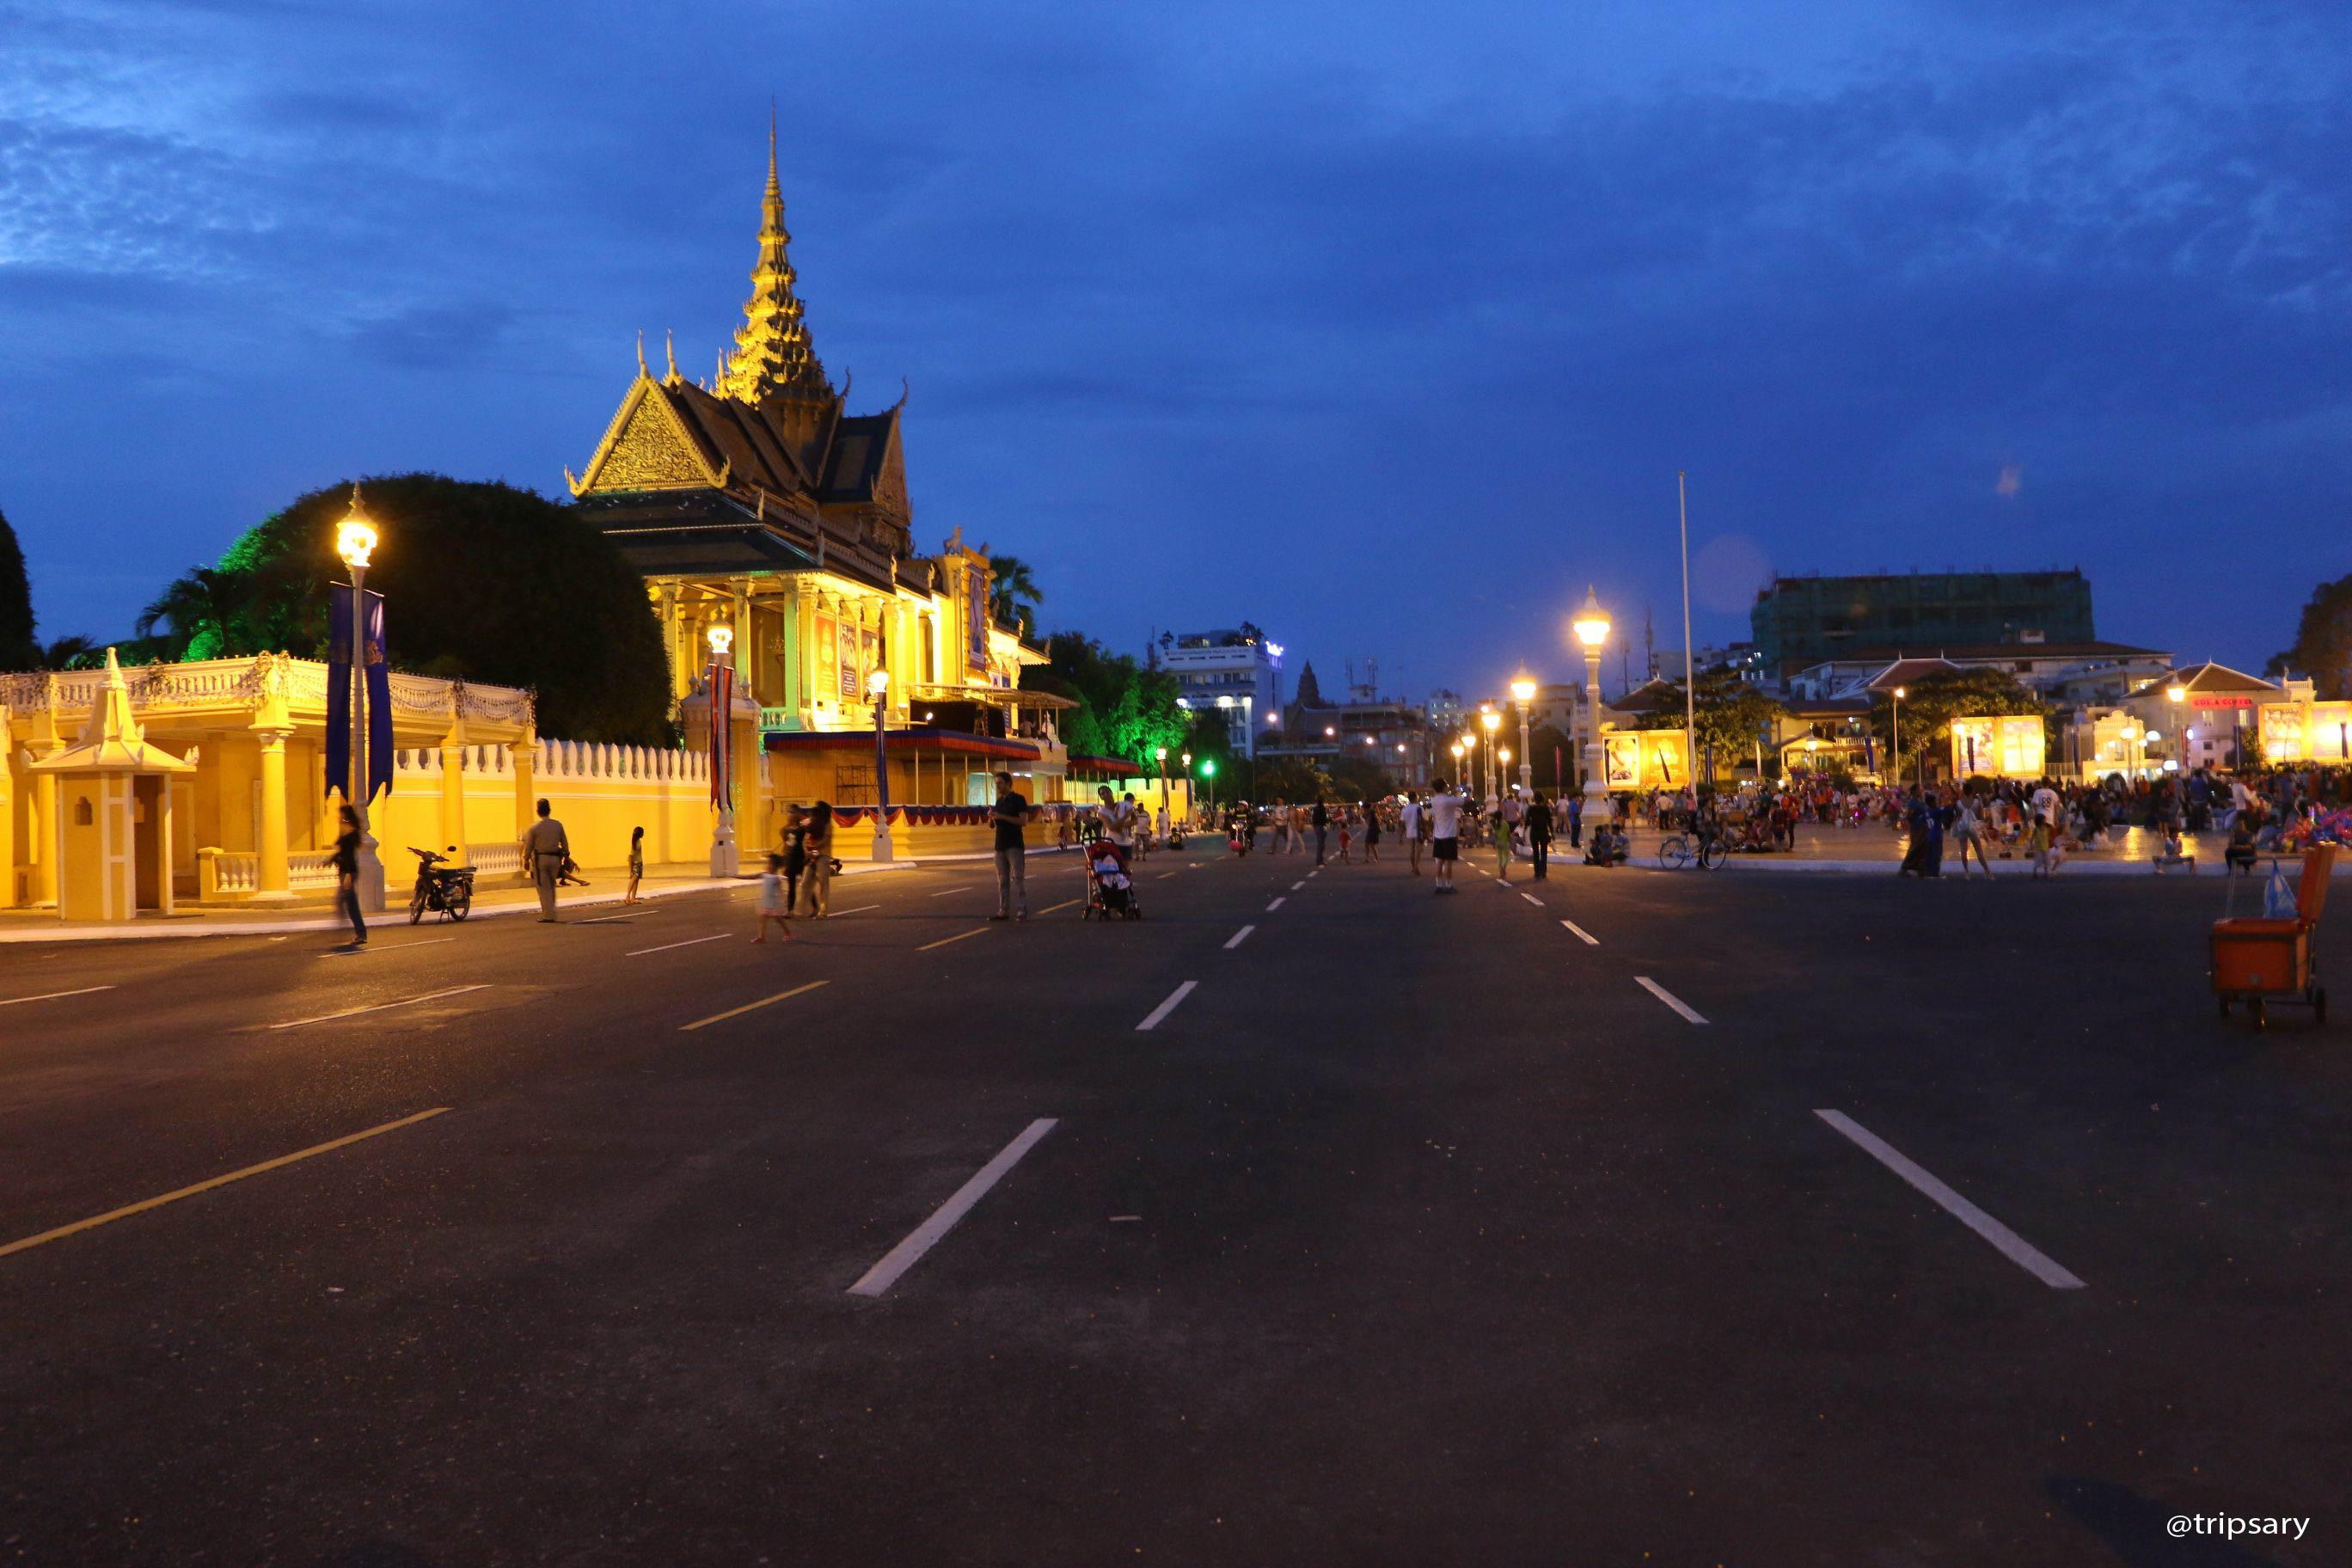 L phnompenh cover